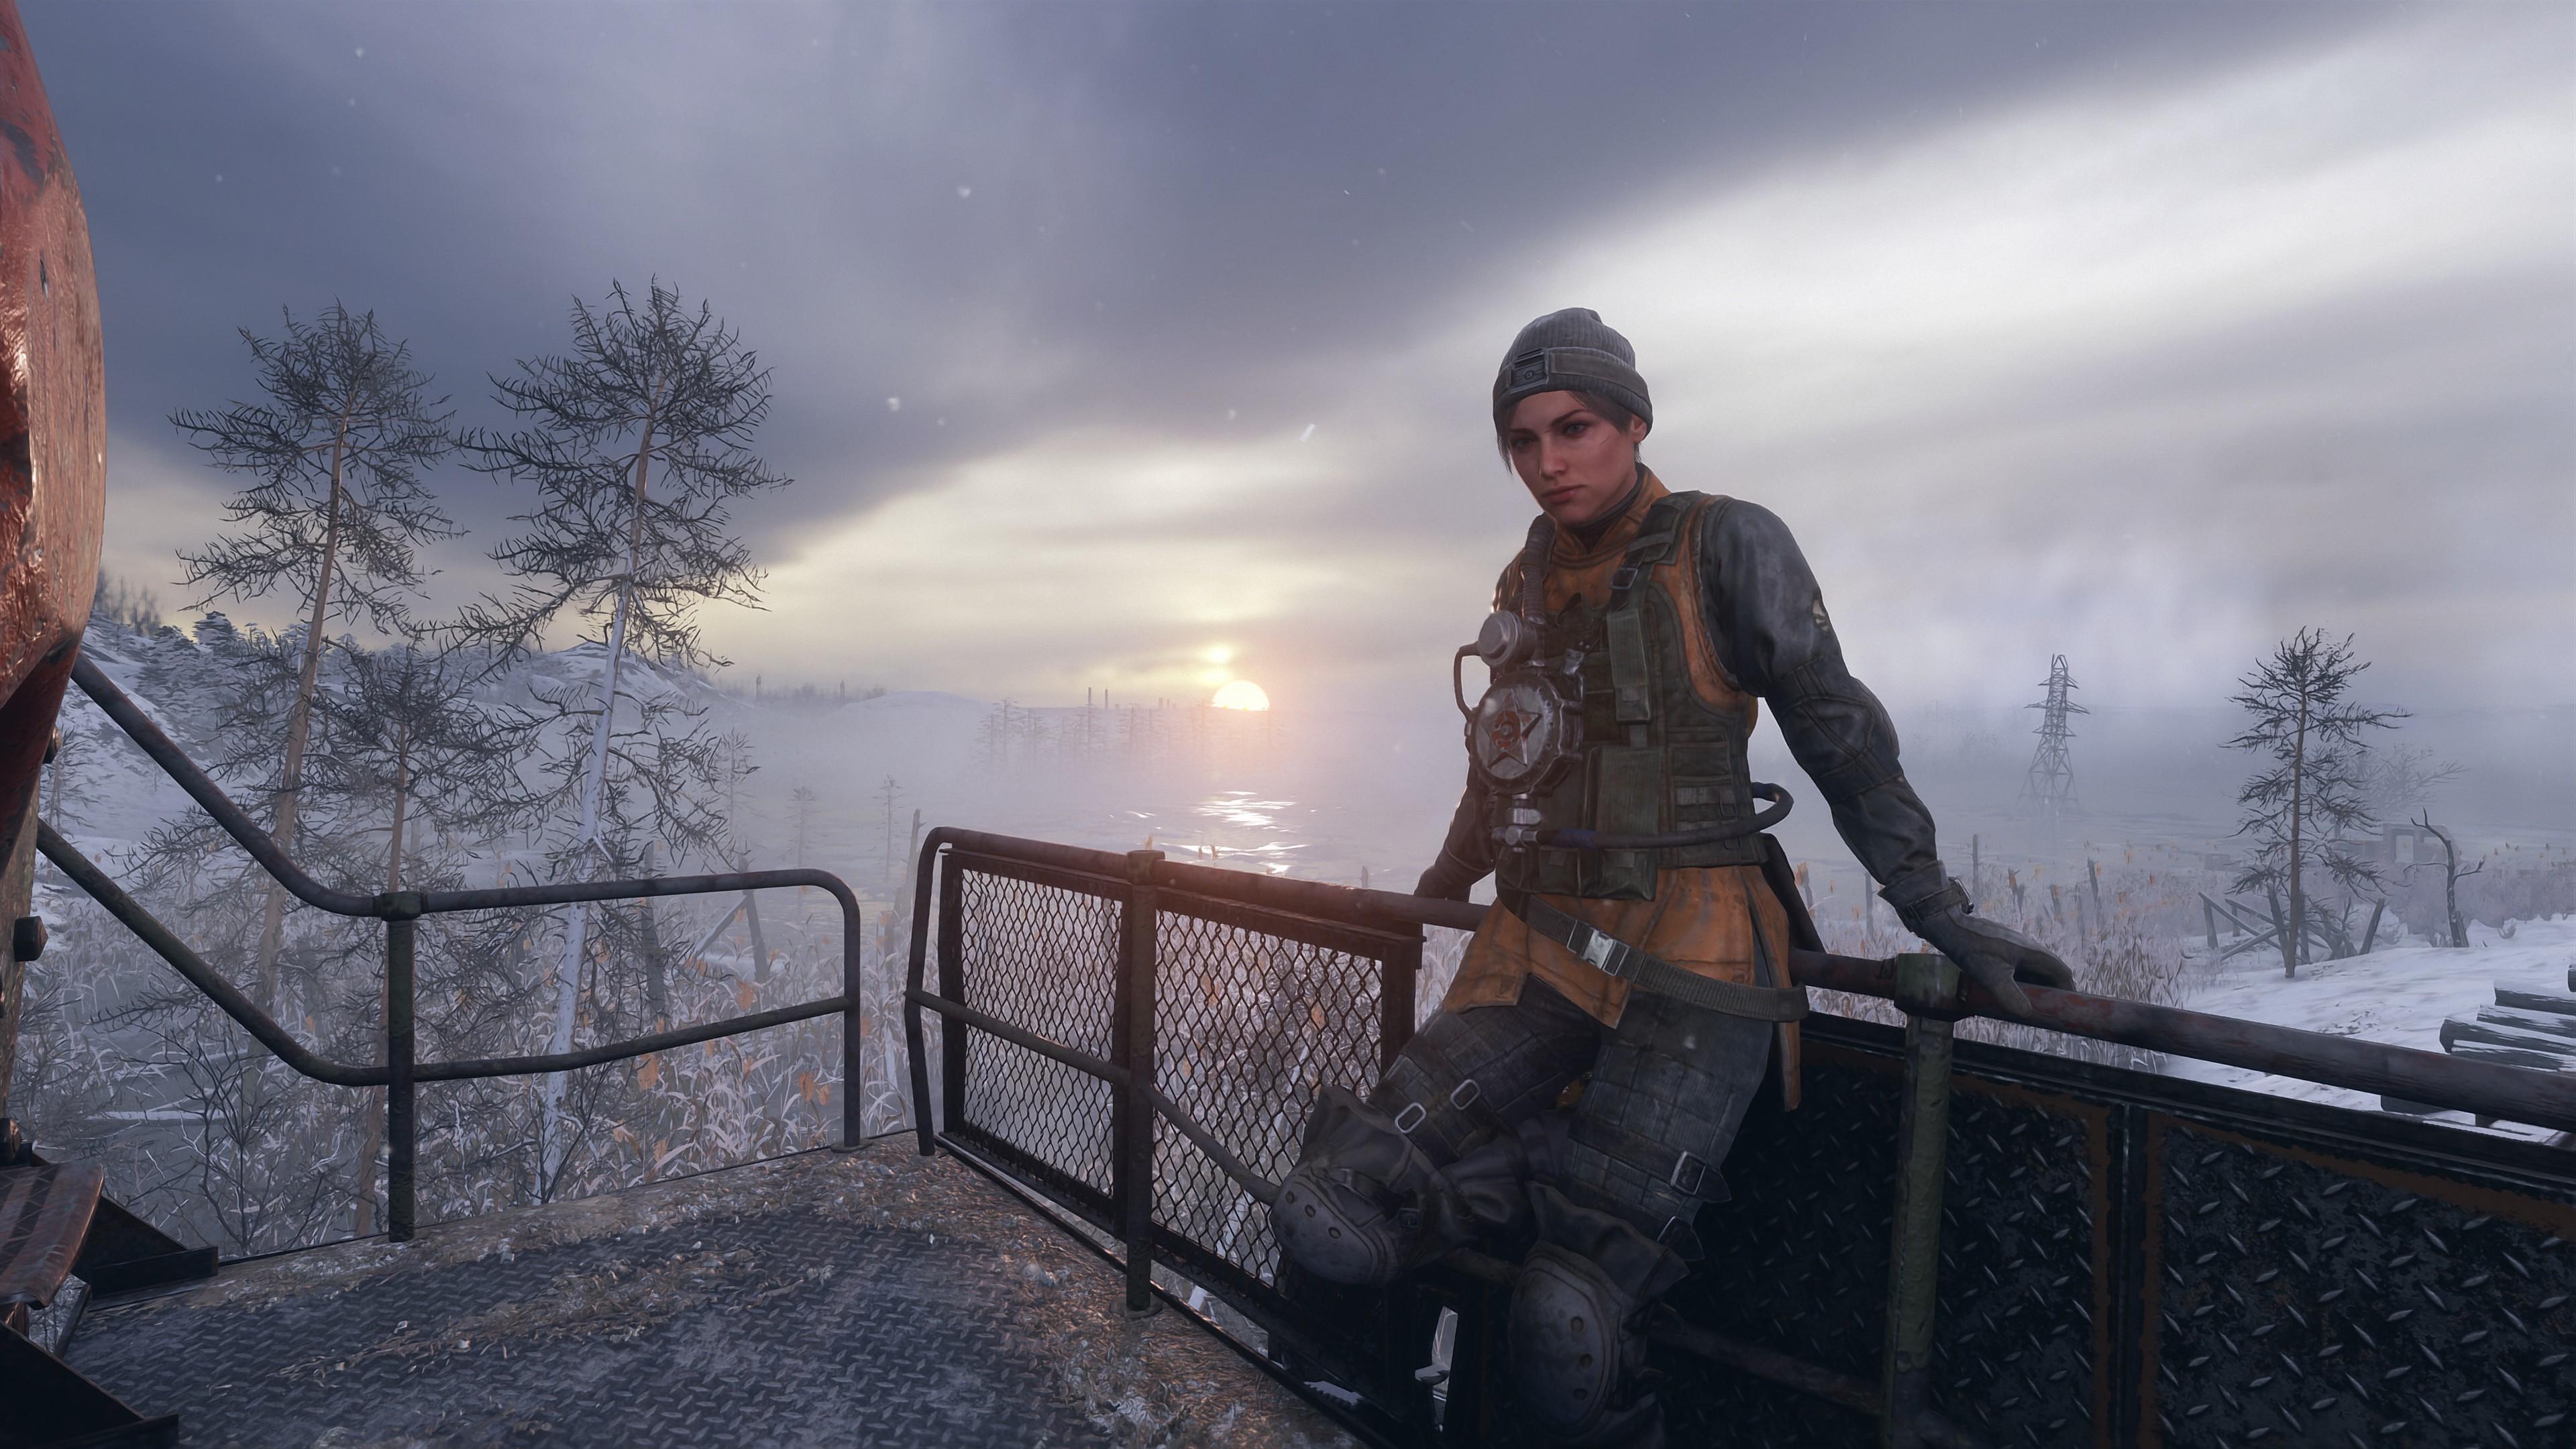 Коллекция моих скриншотов из игры Metro Exodus - Metro Exodus